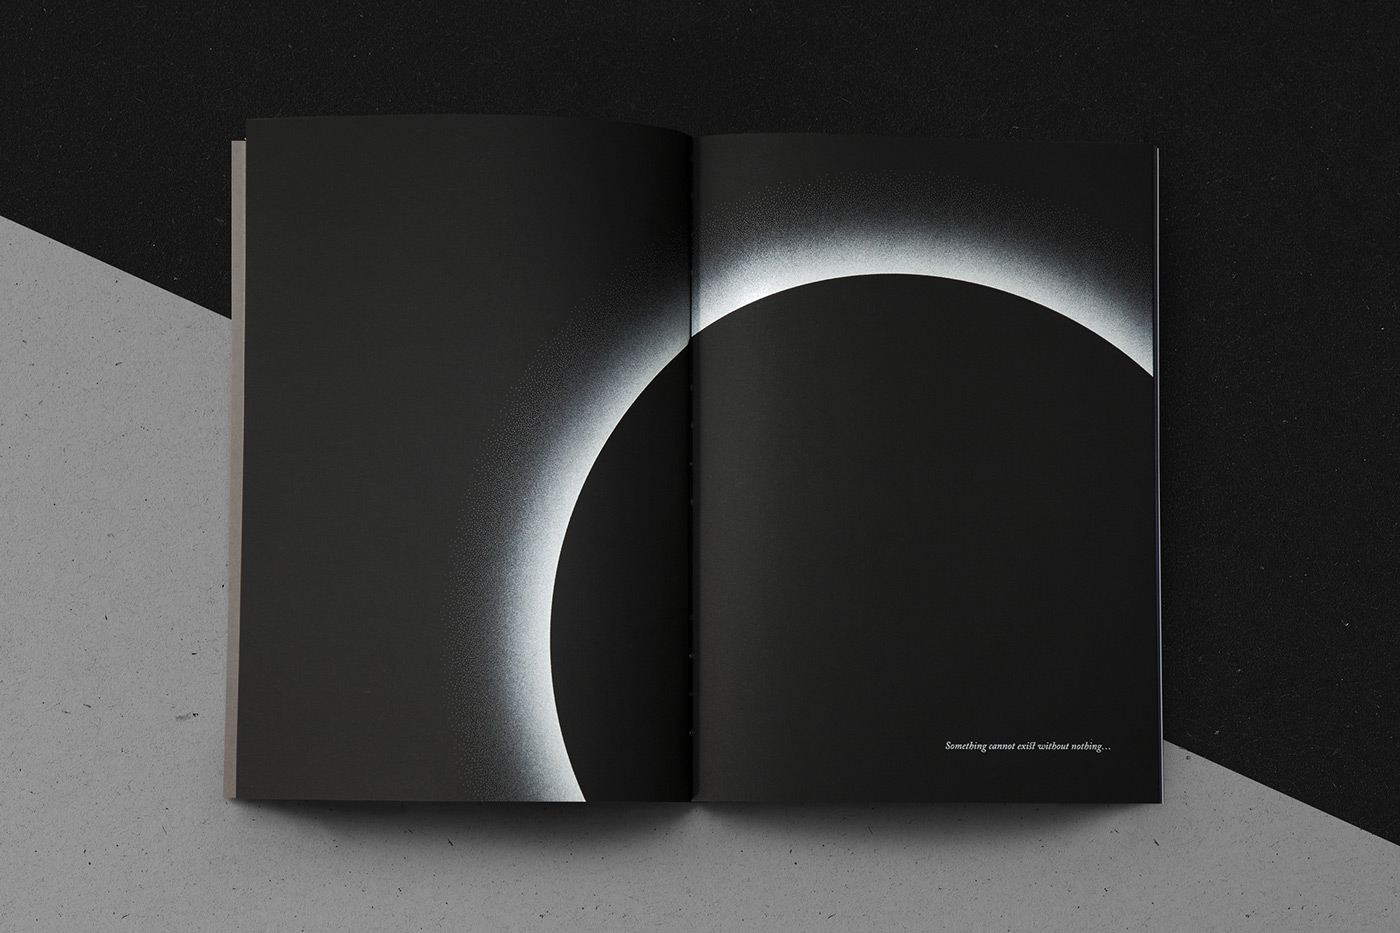 OFFF offfunmasked makeitunmasked Typeface mystical book silkscreen mystery commandment code faith anniversary adobe